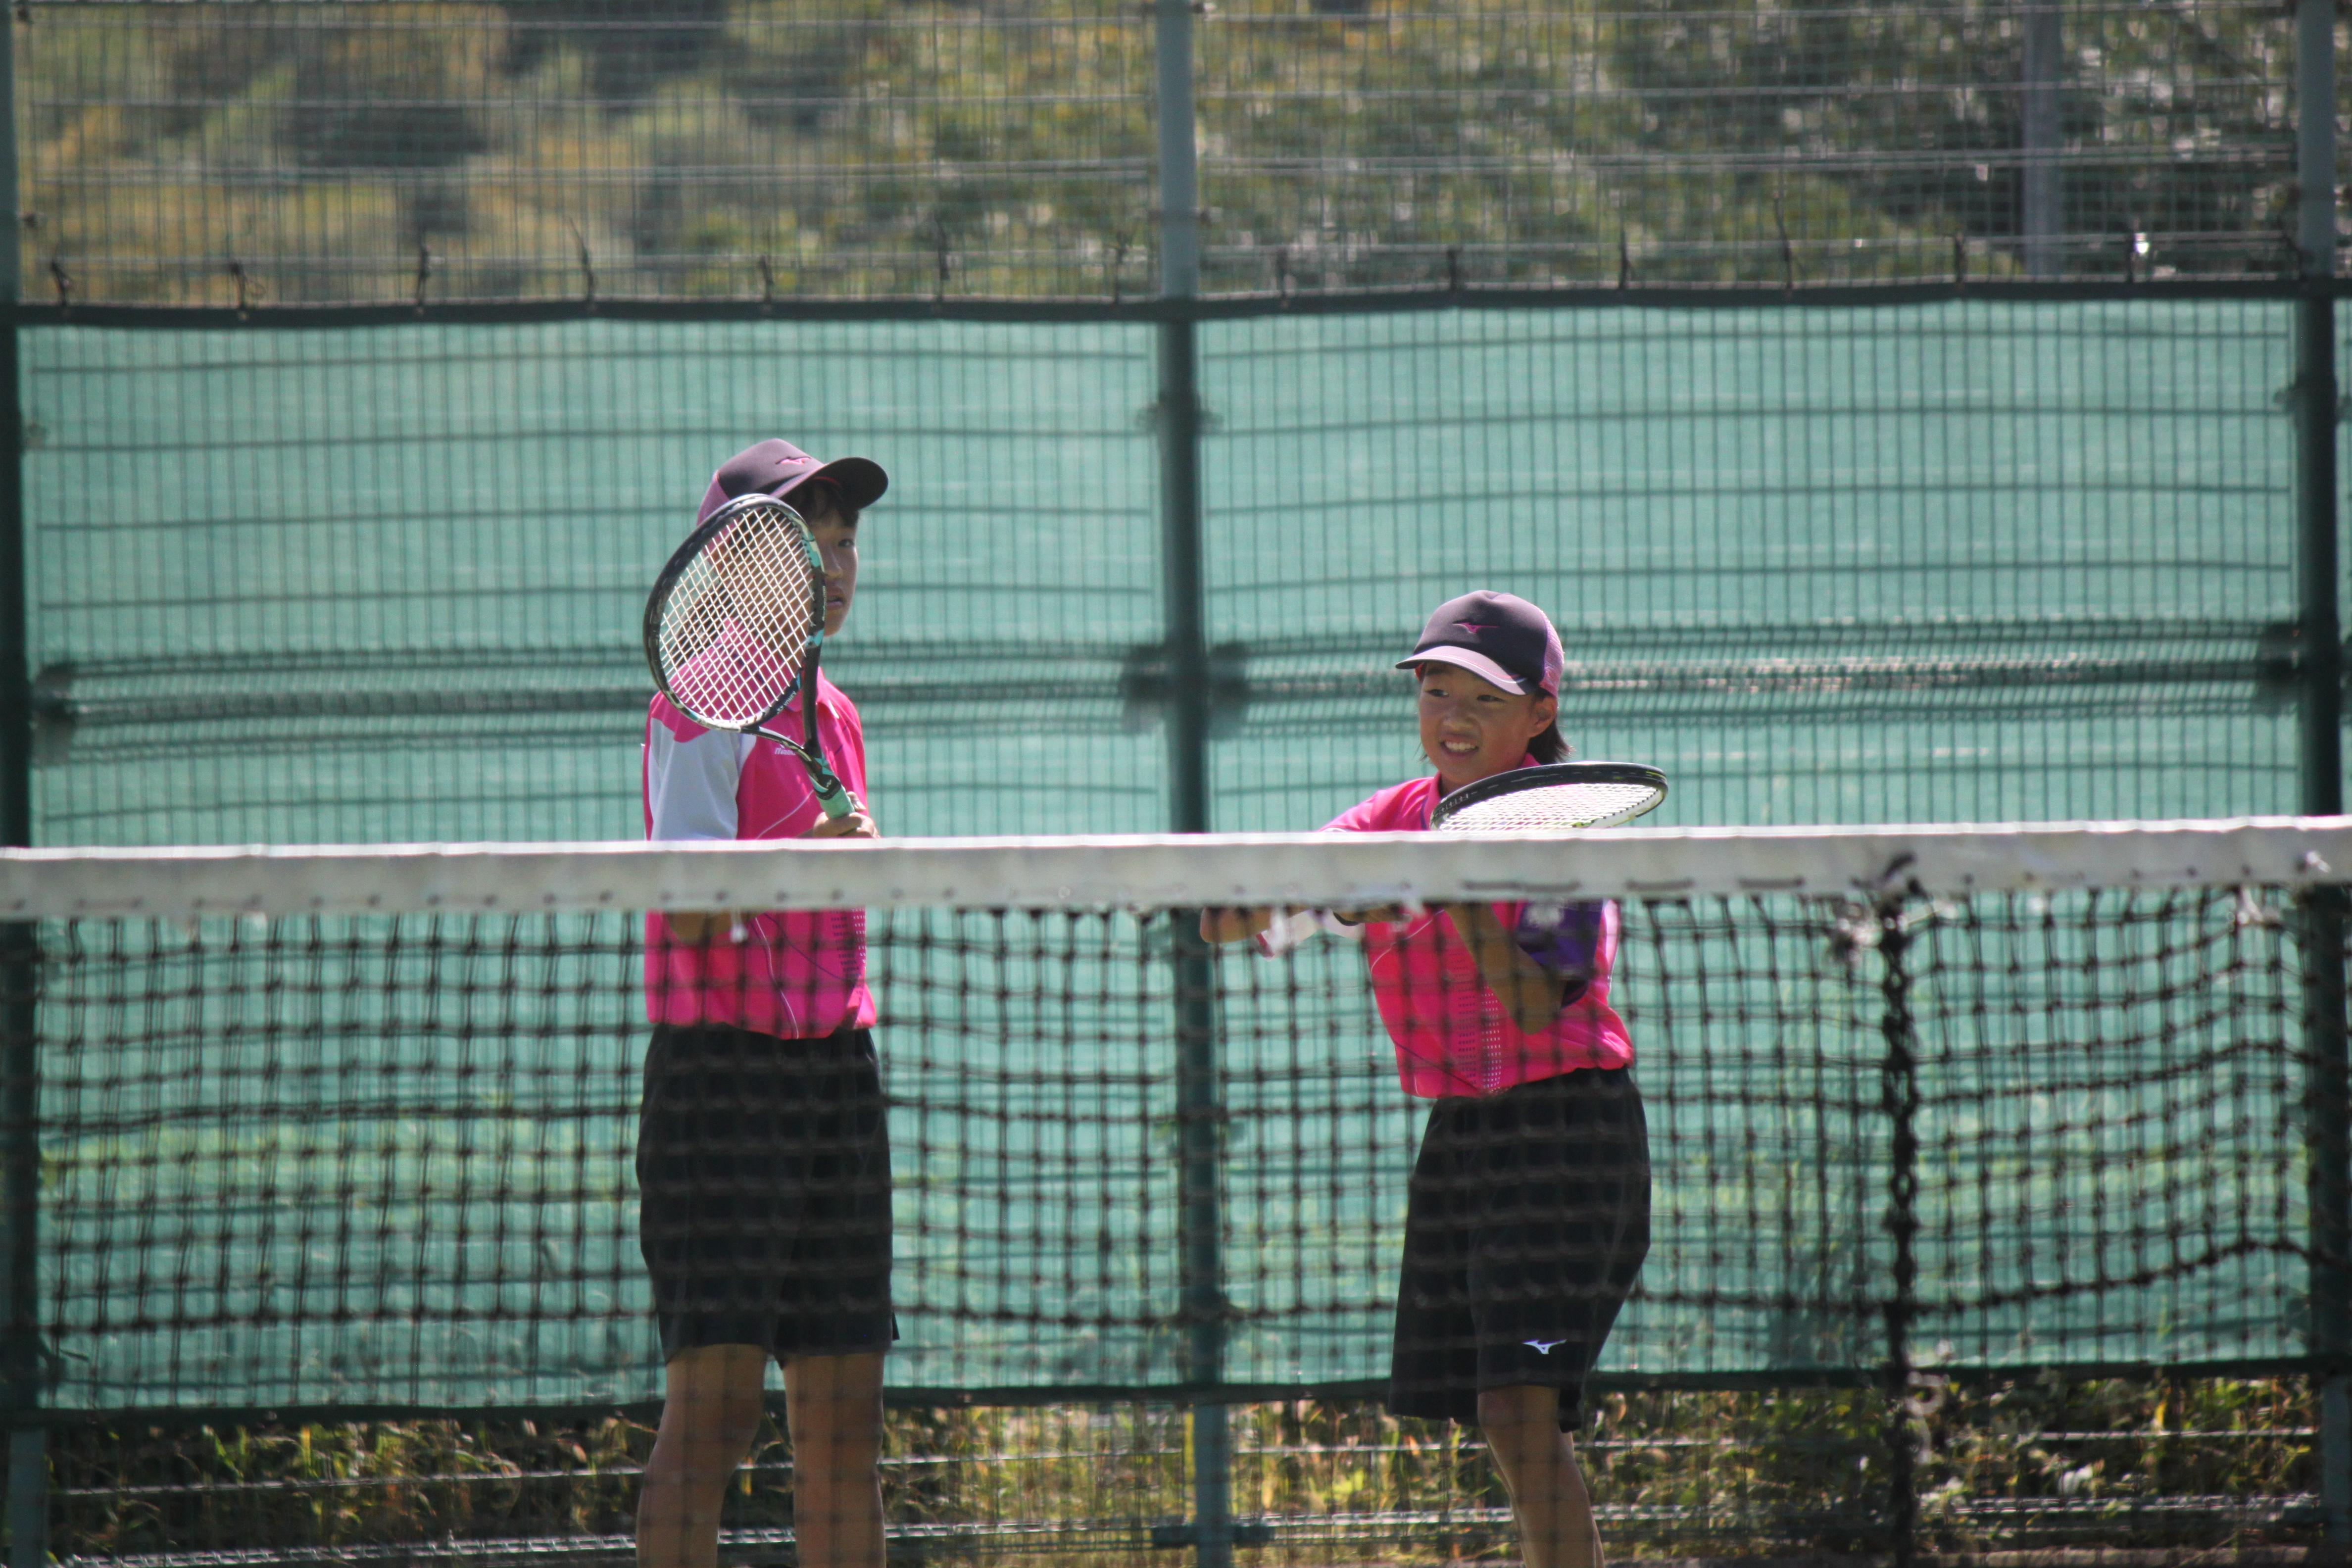 ソフトテニス (626)